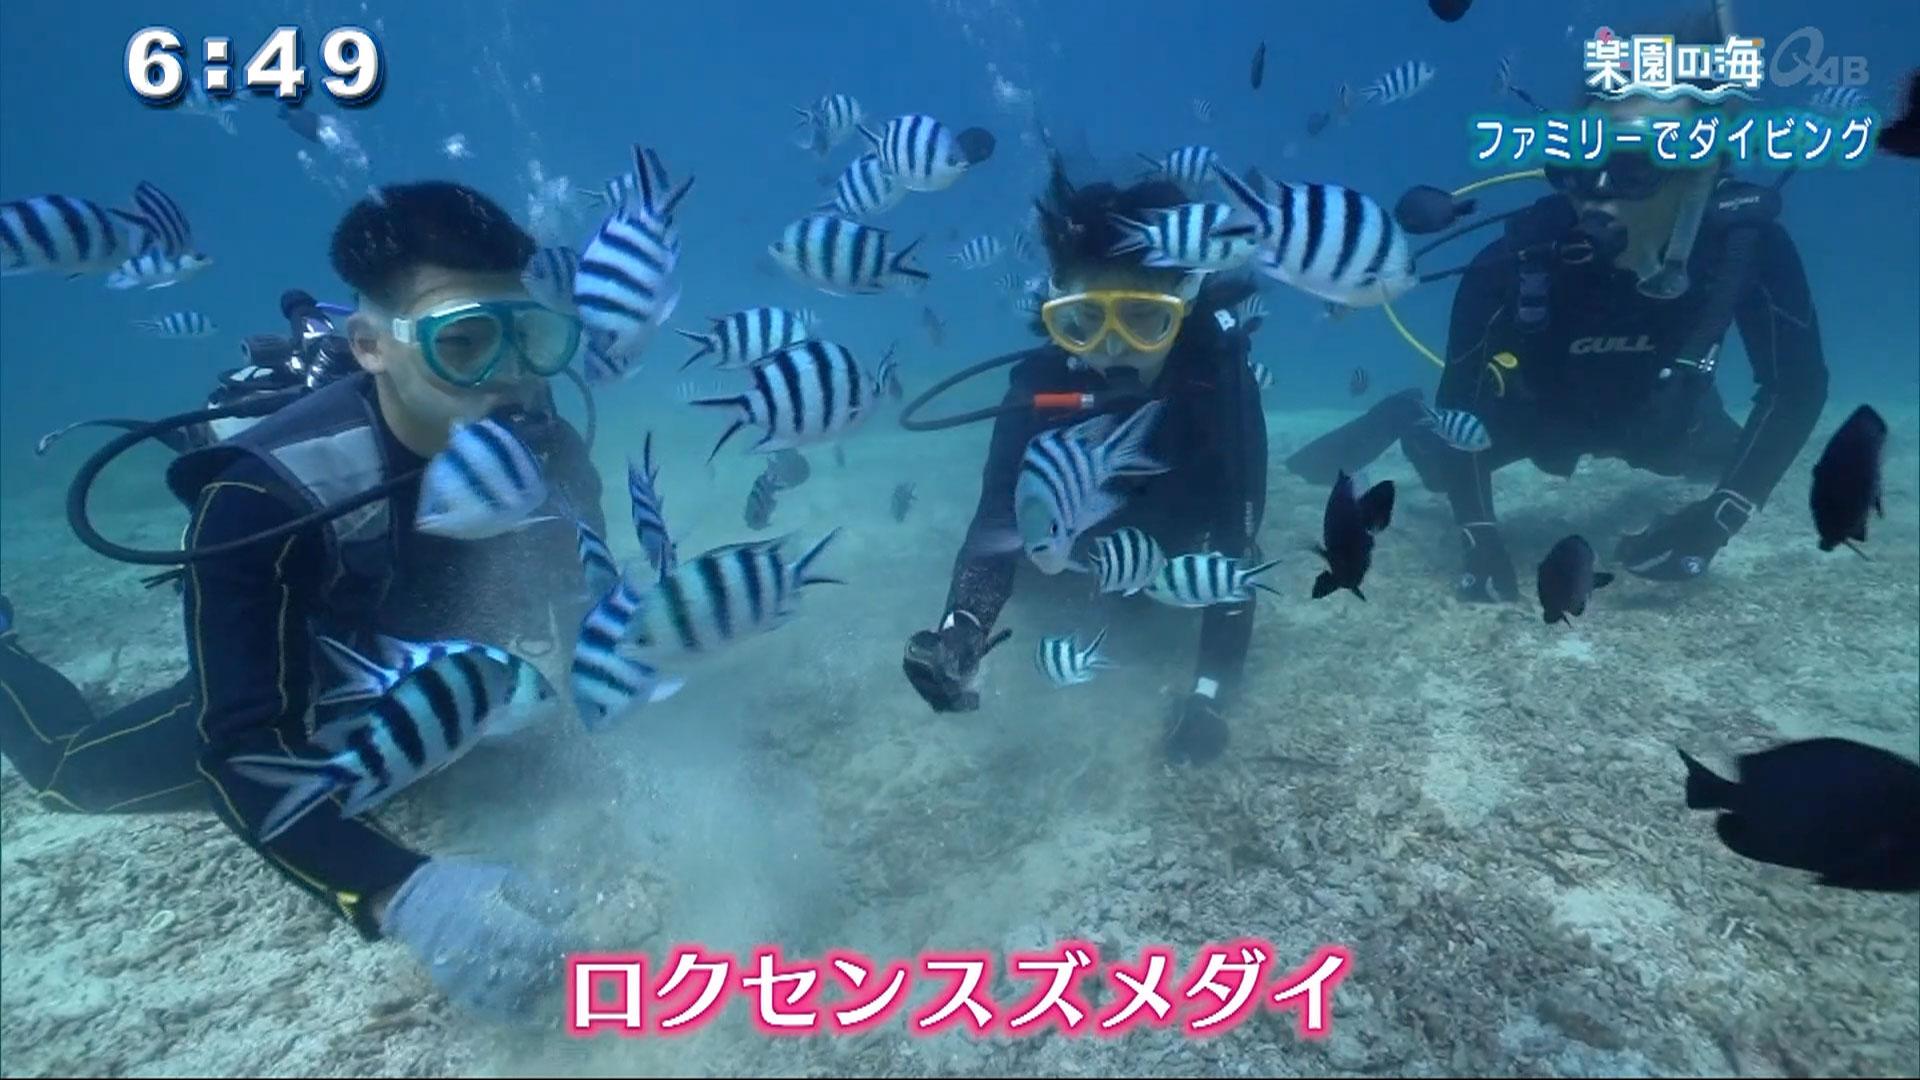 楽園の海 ファミリーでダイビング